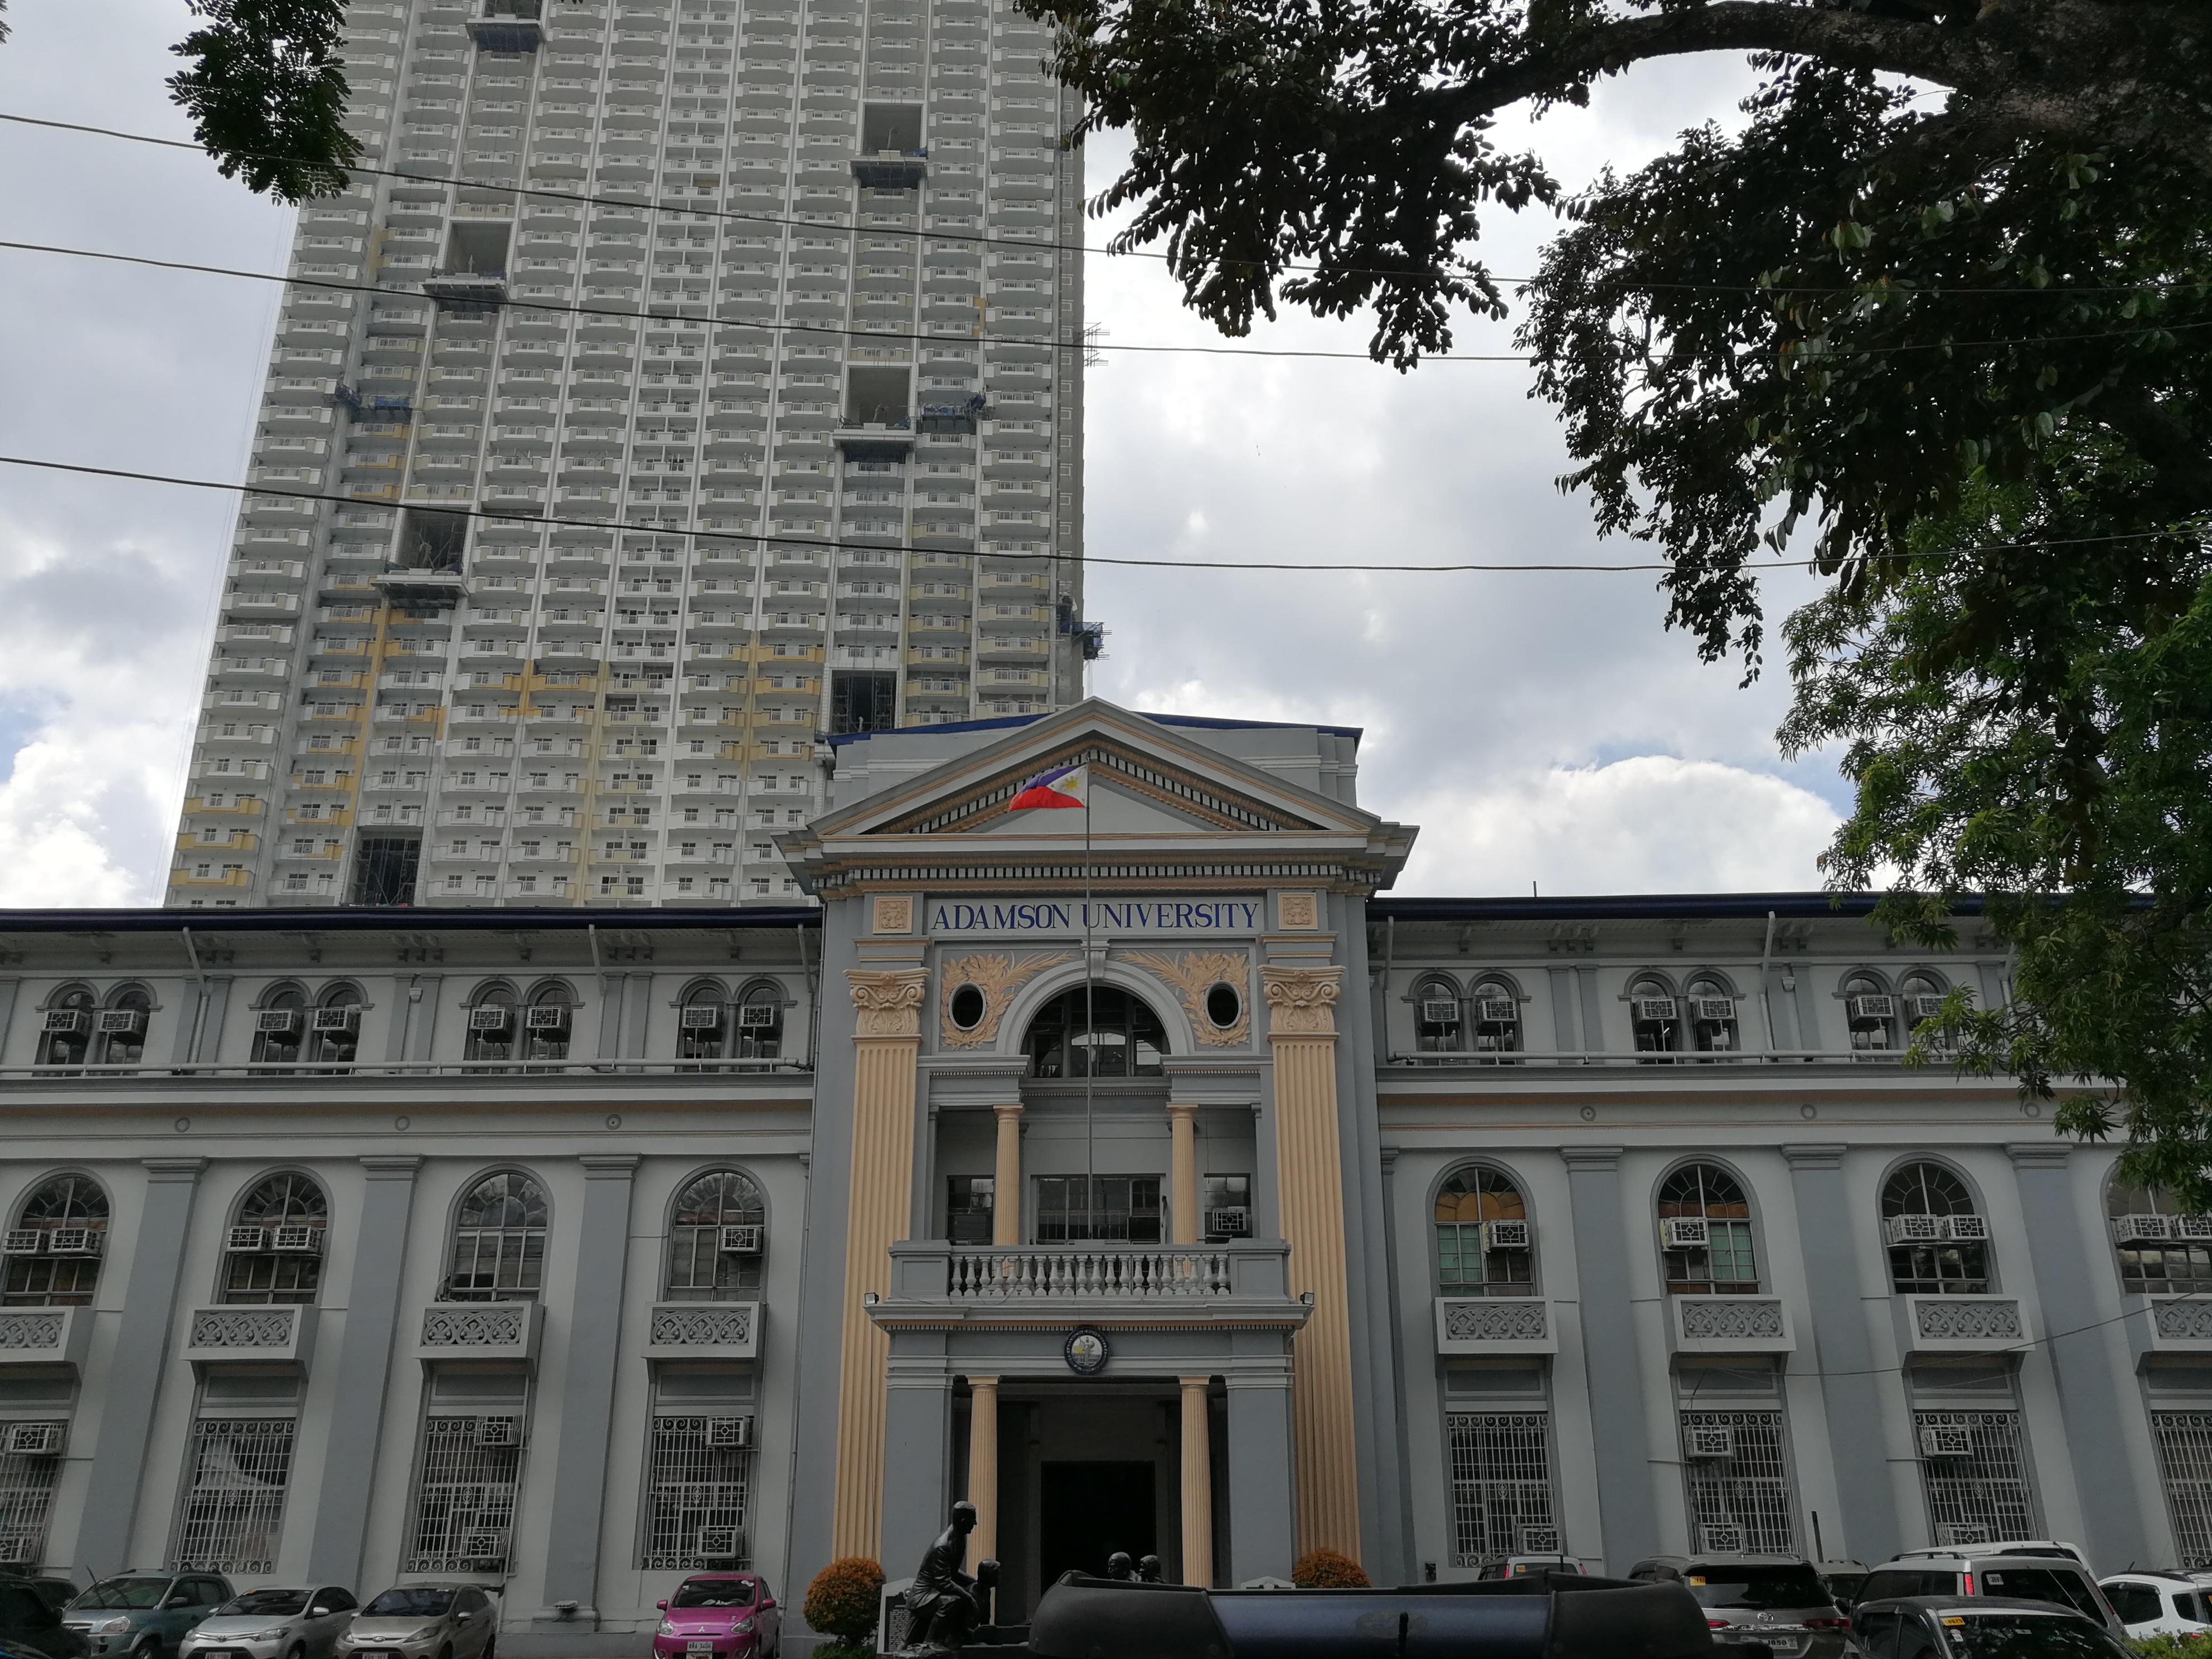 おすすめのフィリピンの大学その1:アダムソン大学